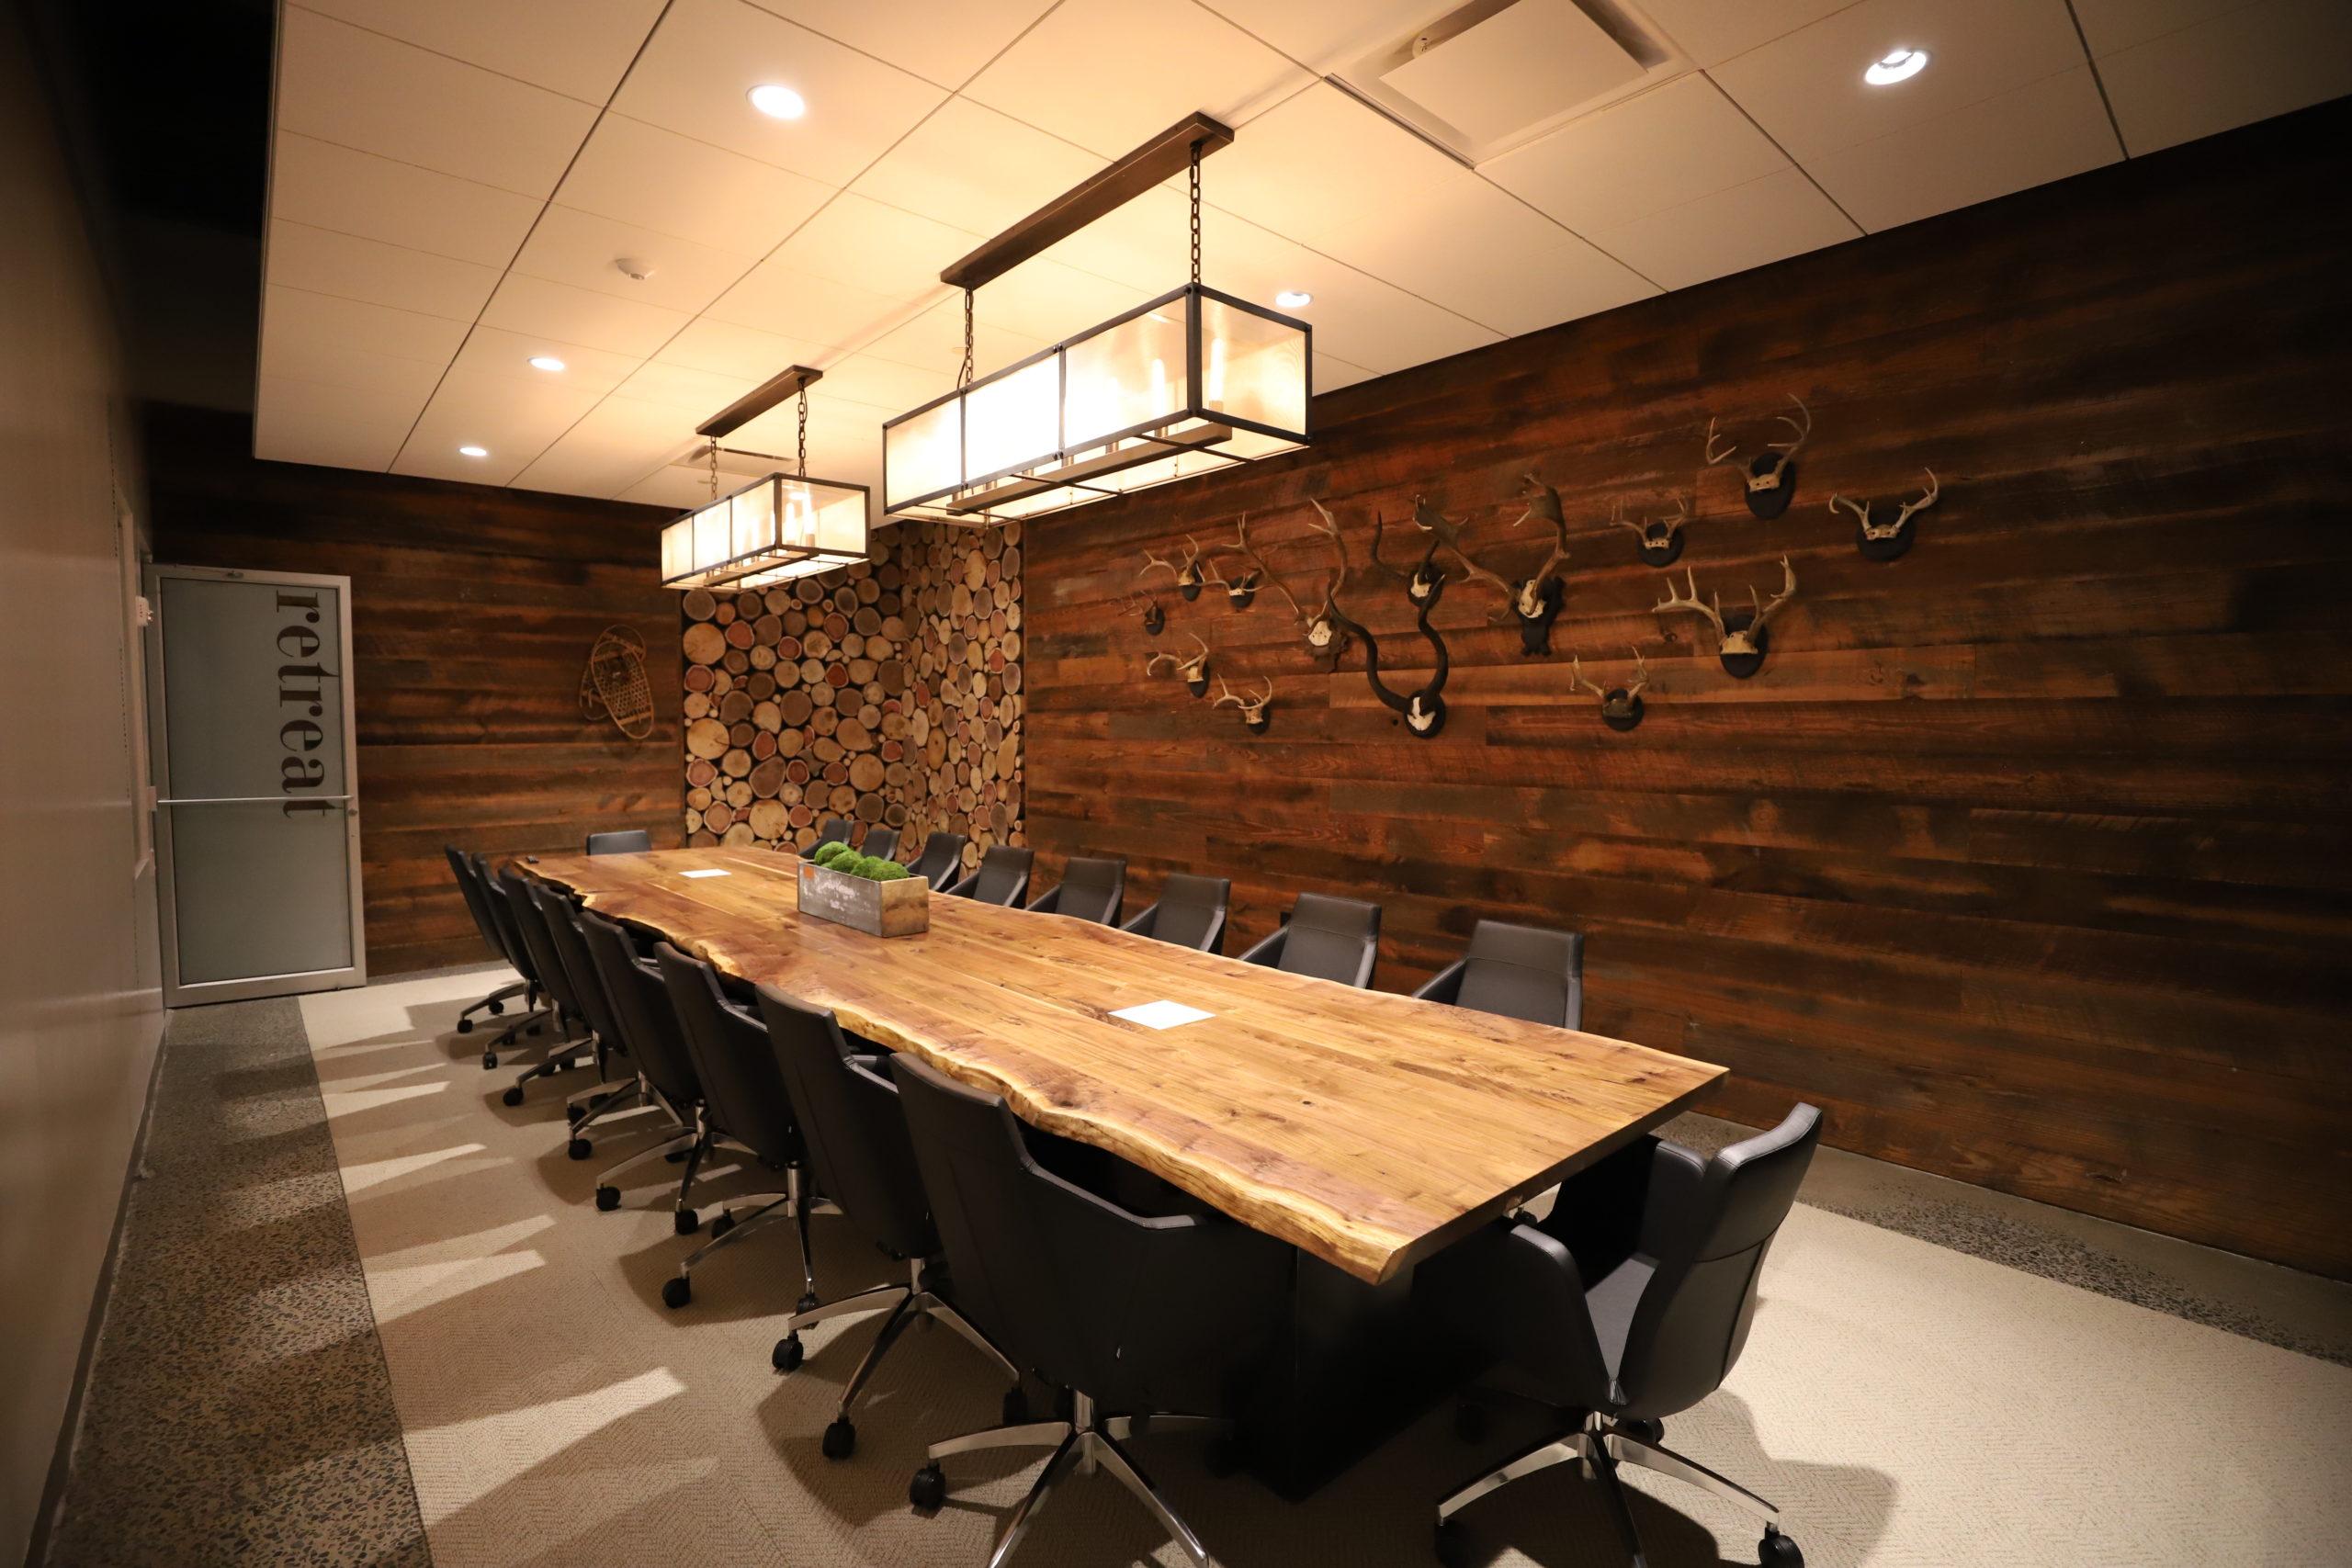 Roam meeting room